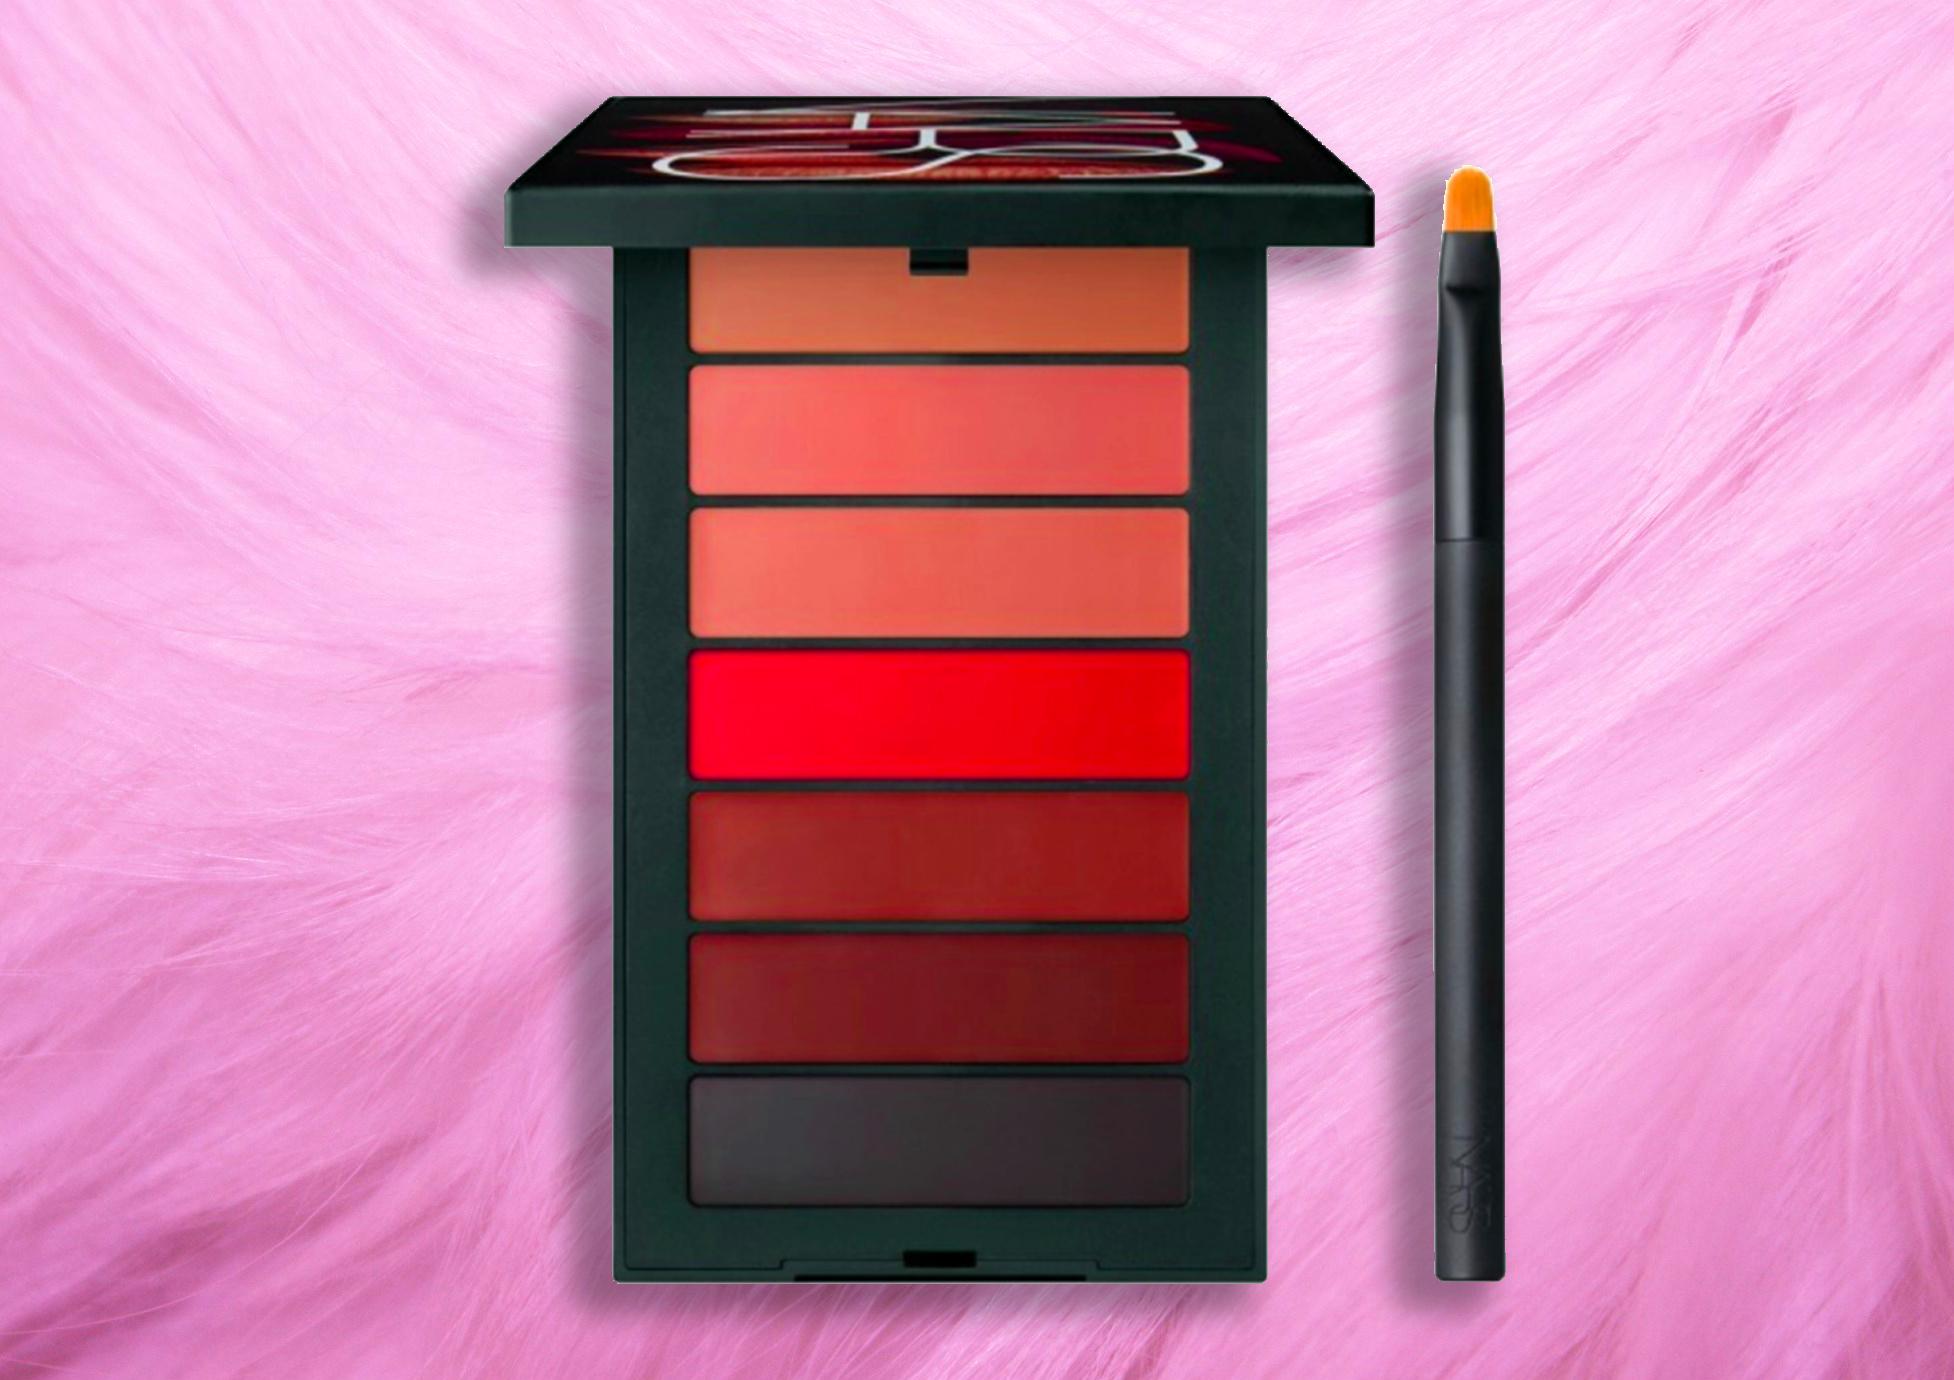 Le novità della collezione Nars Autunno 2018, info, prezzi, swatch, opinioni, recensione, review - 7 Deadly Sins Audacious Lipstick Palette